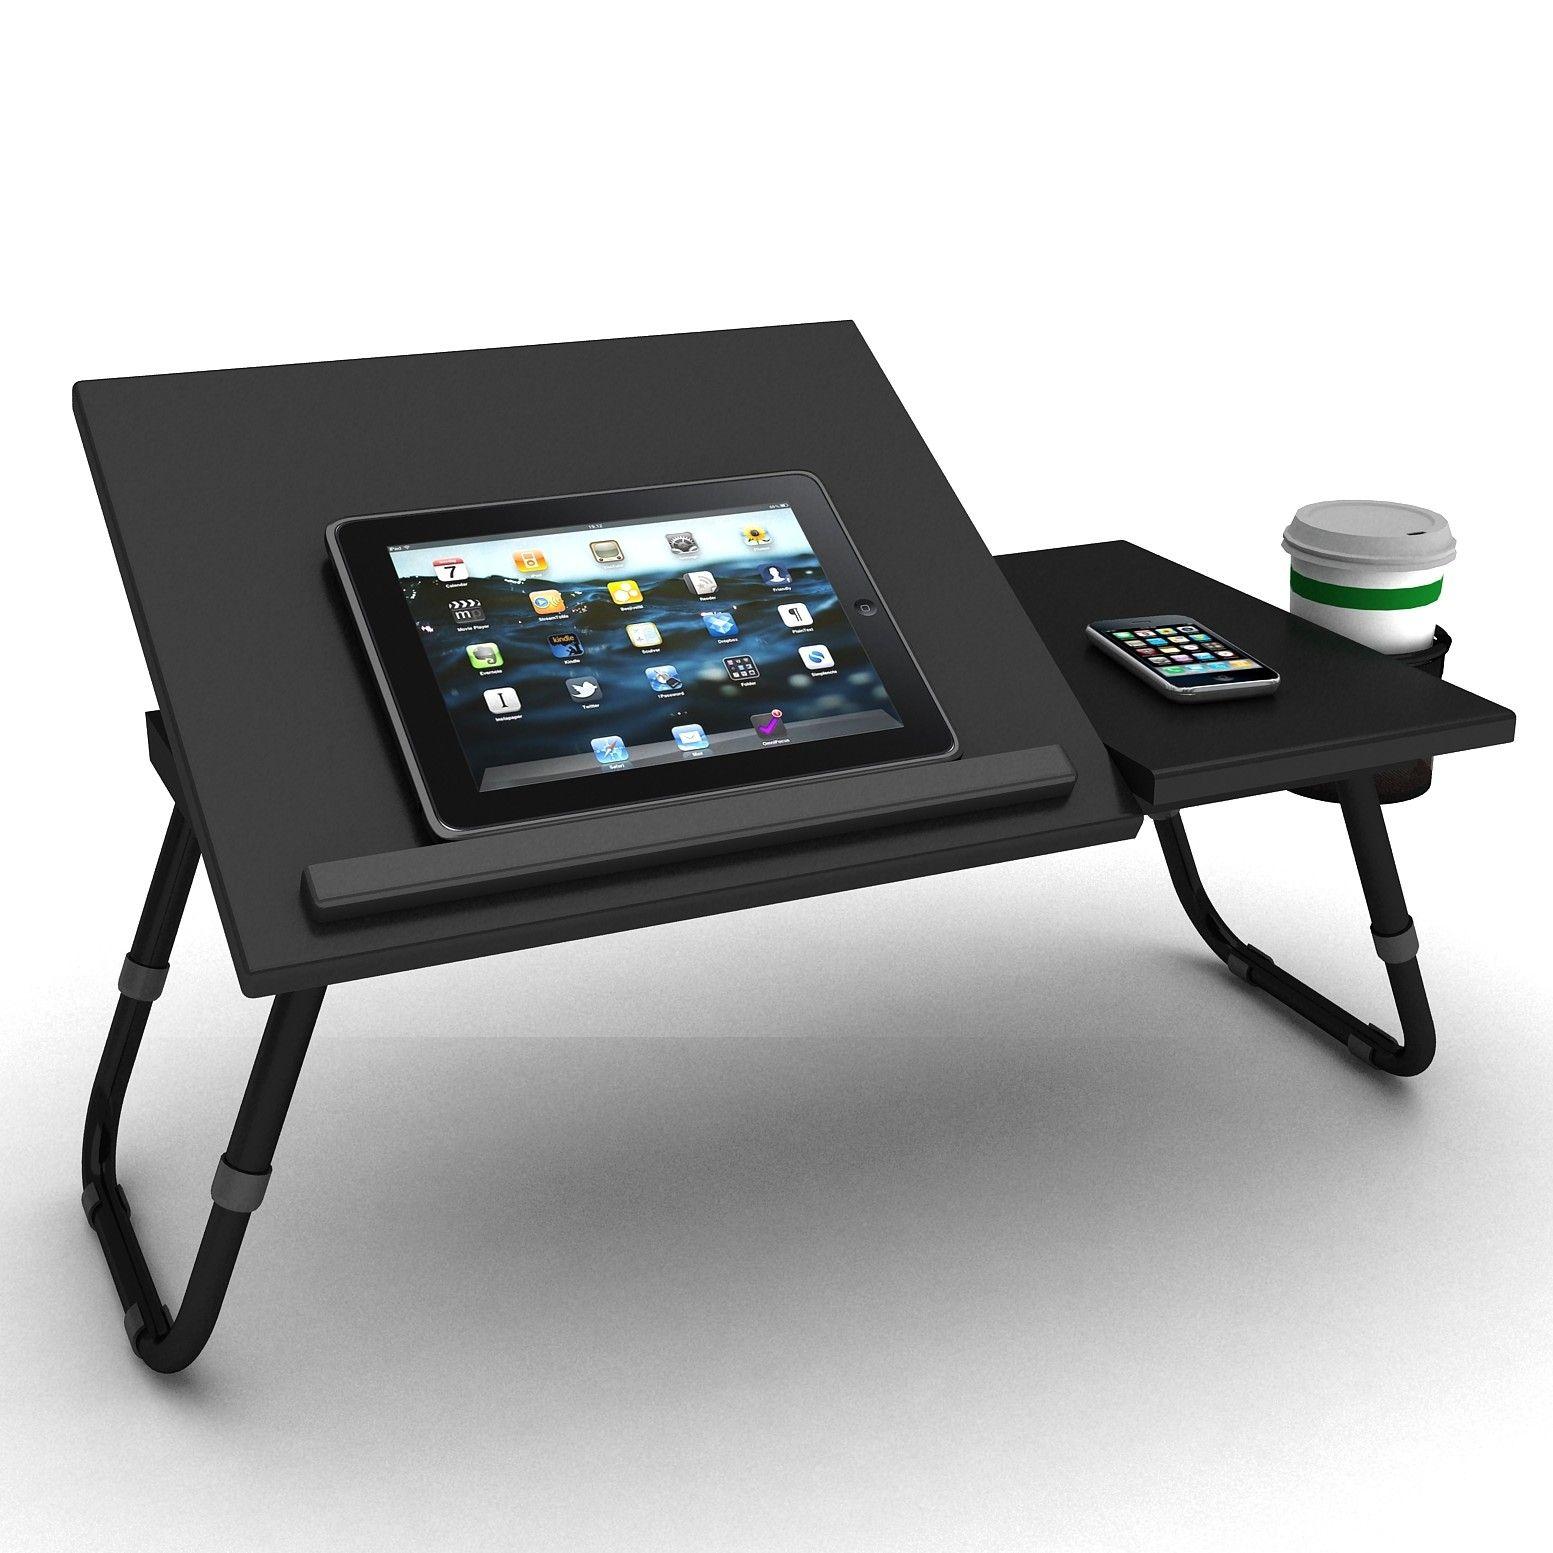 Radstock 5 Piece Tray Table Set Laptop Tray Lap Tray